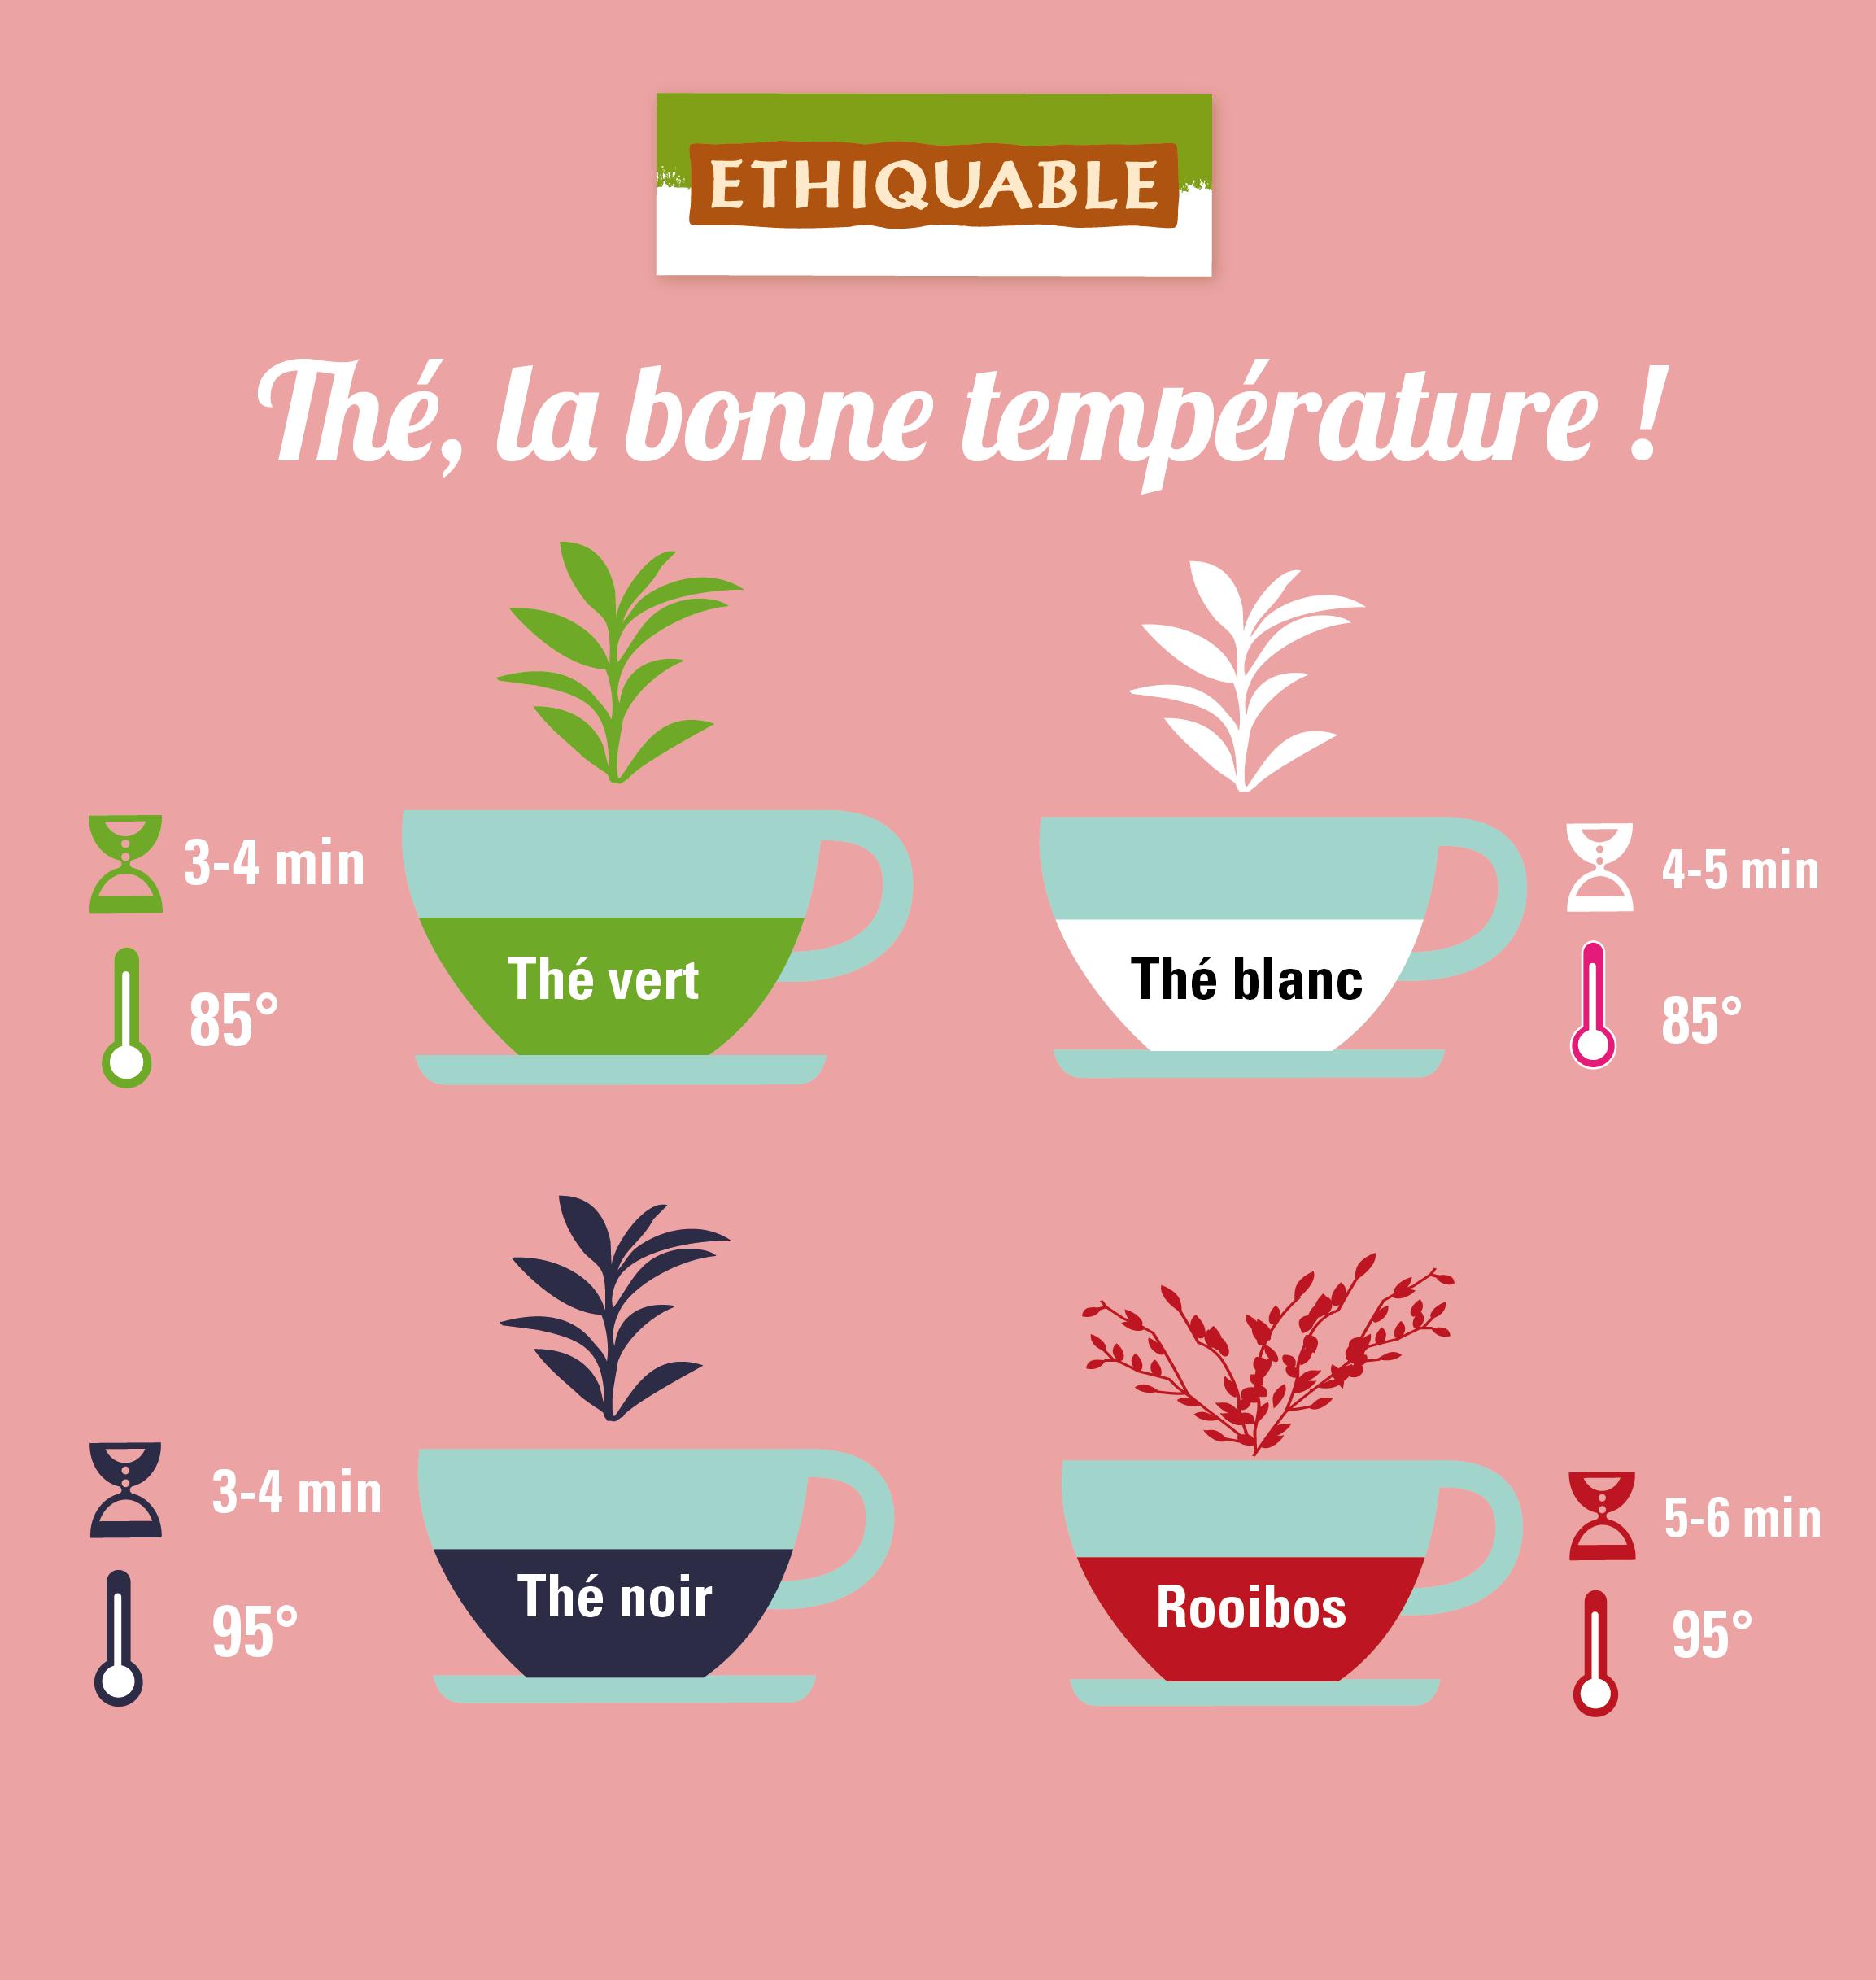 quelle température thé ethiquable